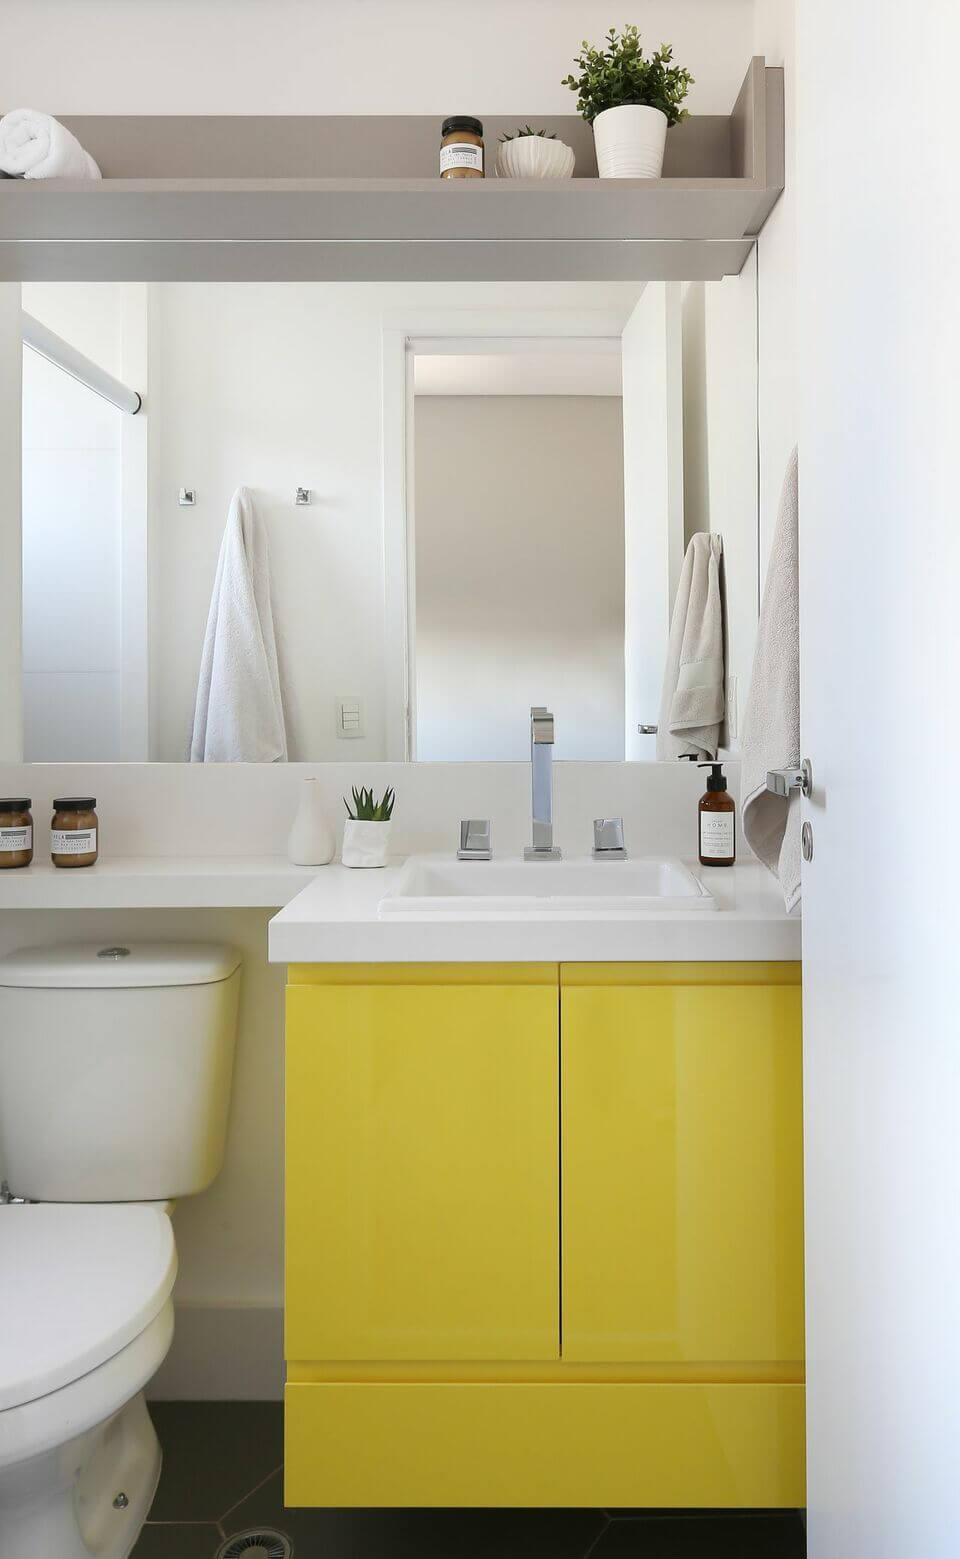 cor amarela - armário amarelo no banheiro branco